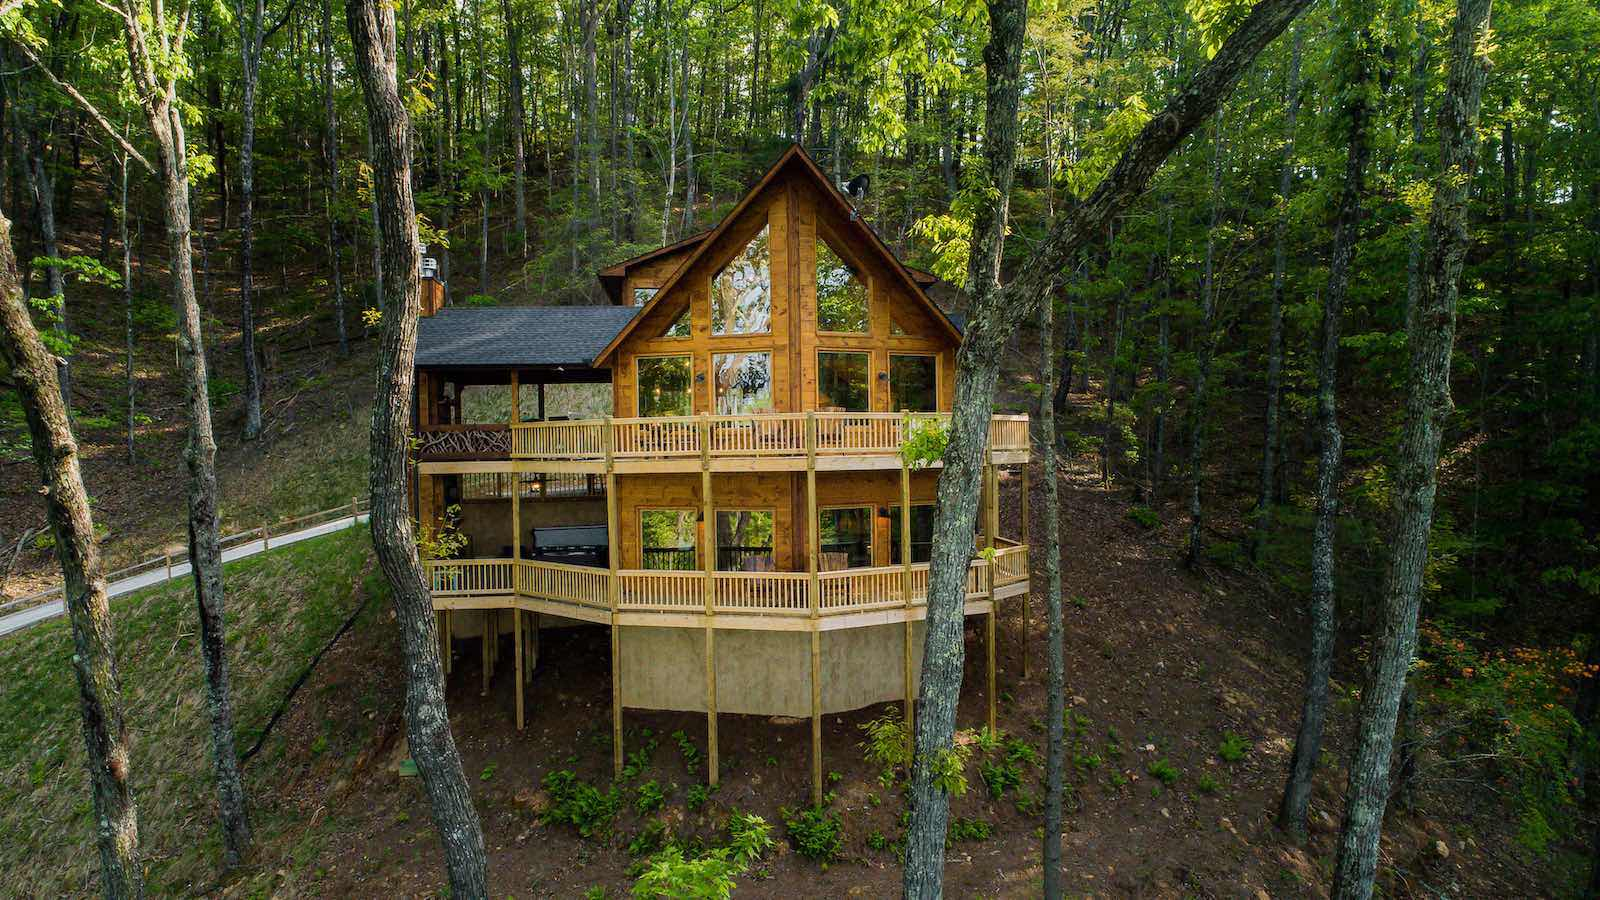 Blue Ridge, GA Cabin Rentals 4 Bedroom Cabin Rentals